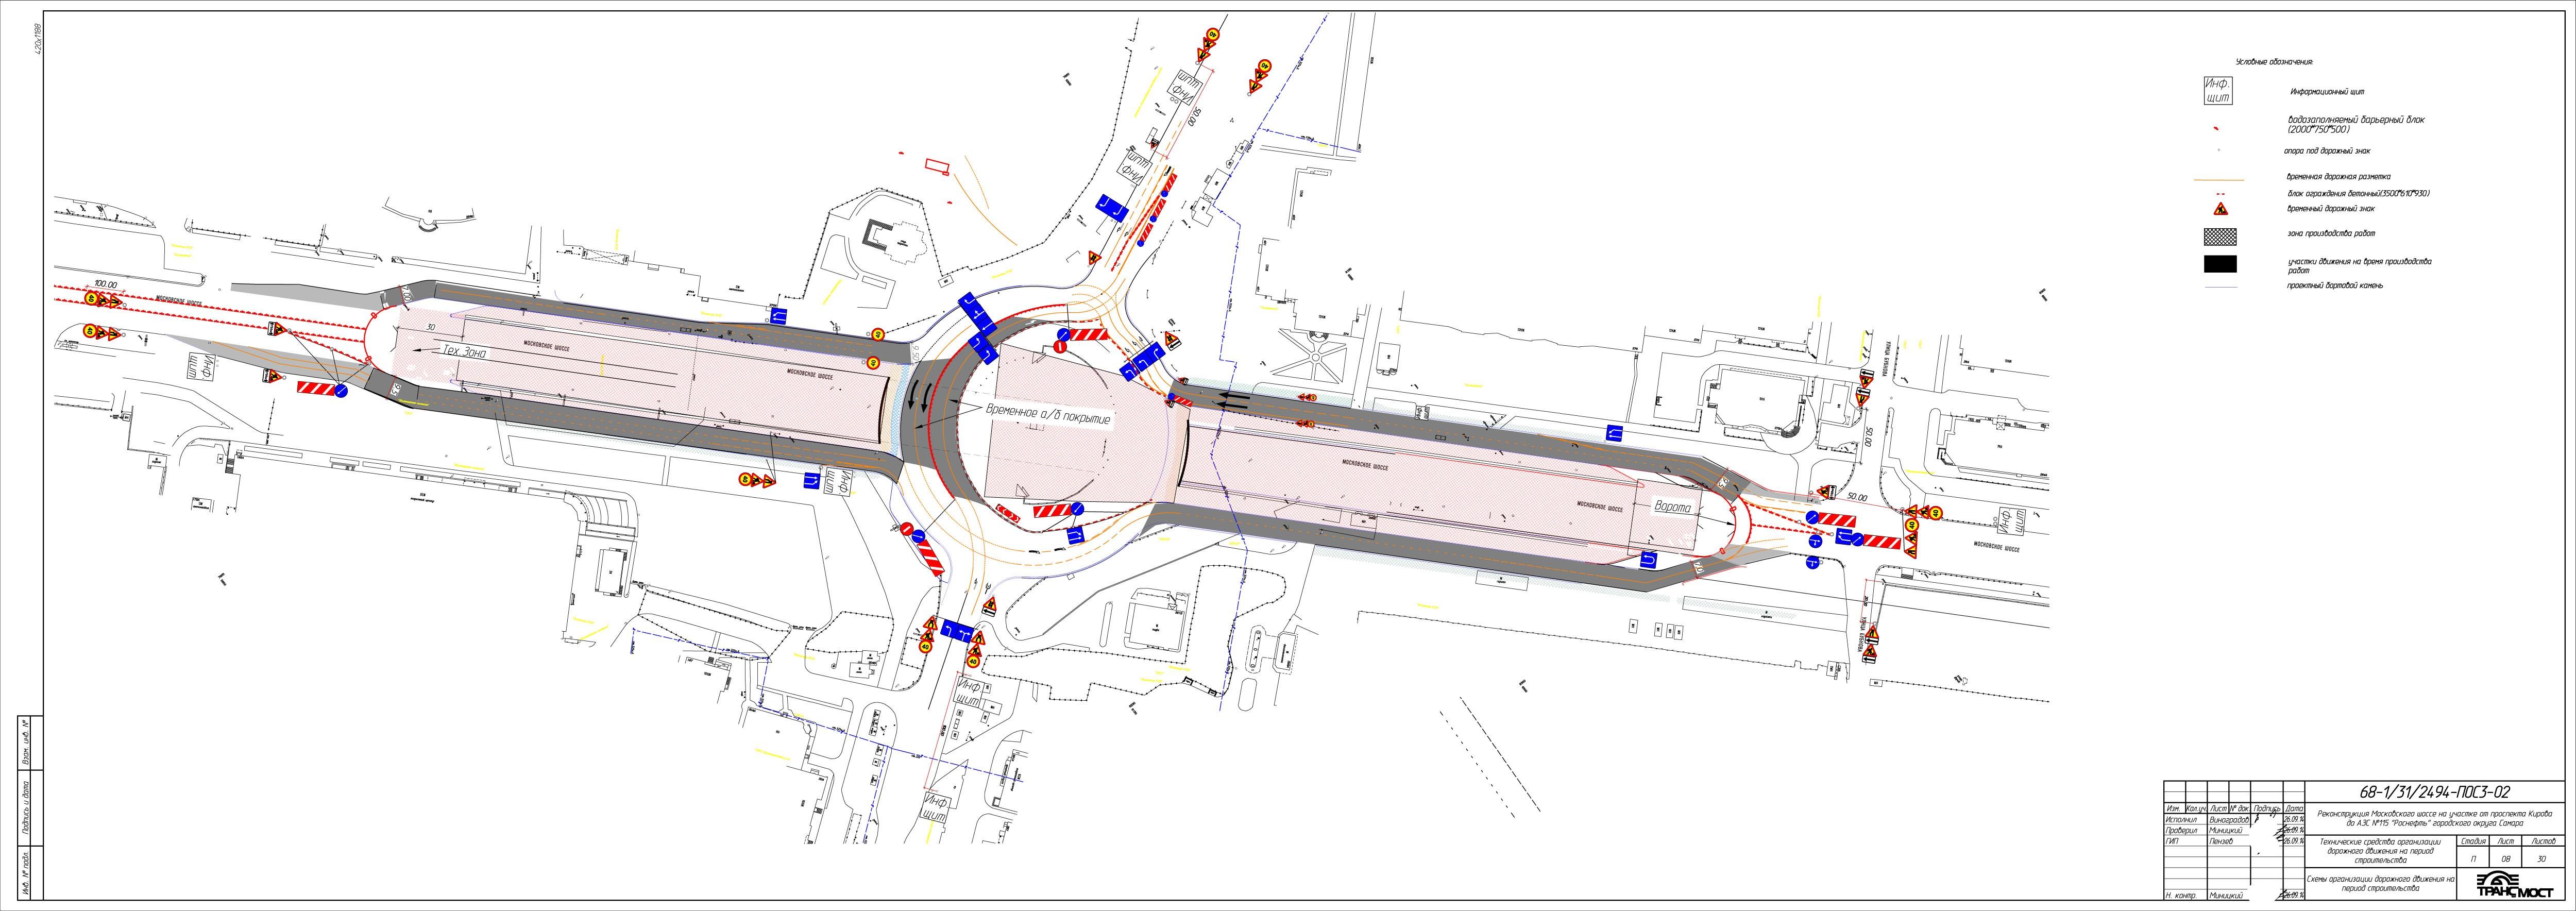 Схема проезда по ракитовскому шоссе